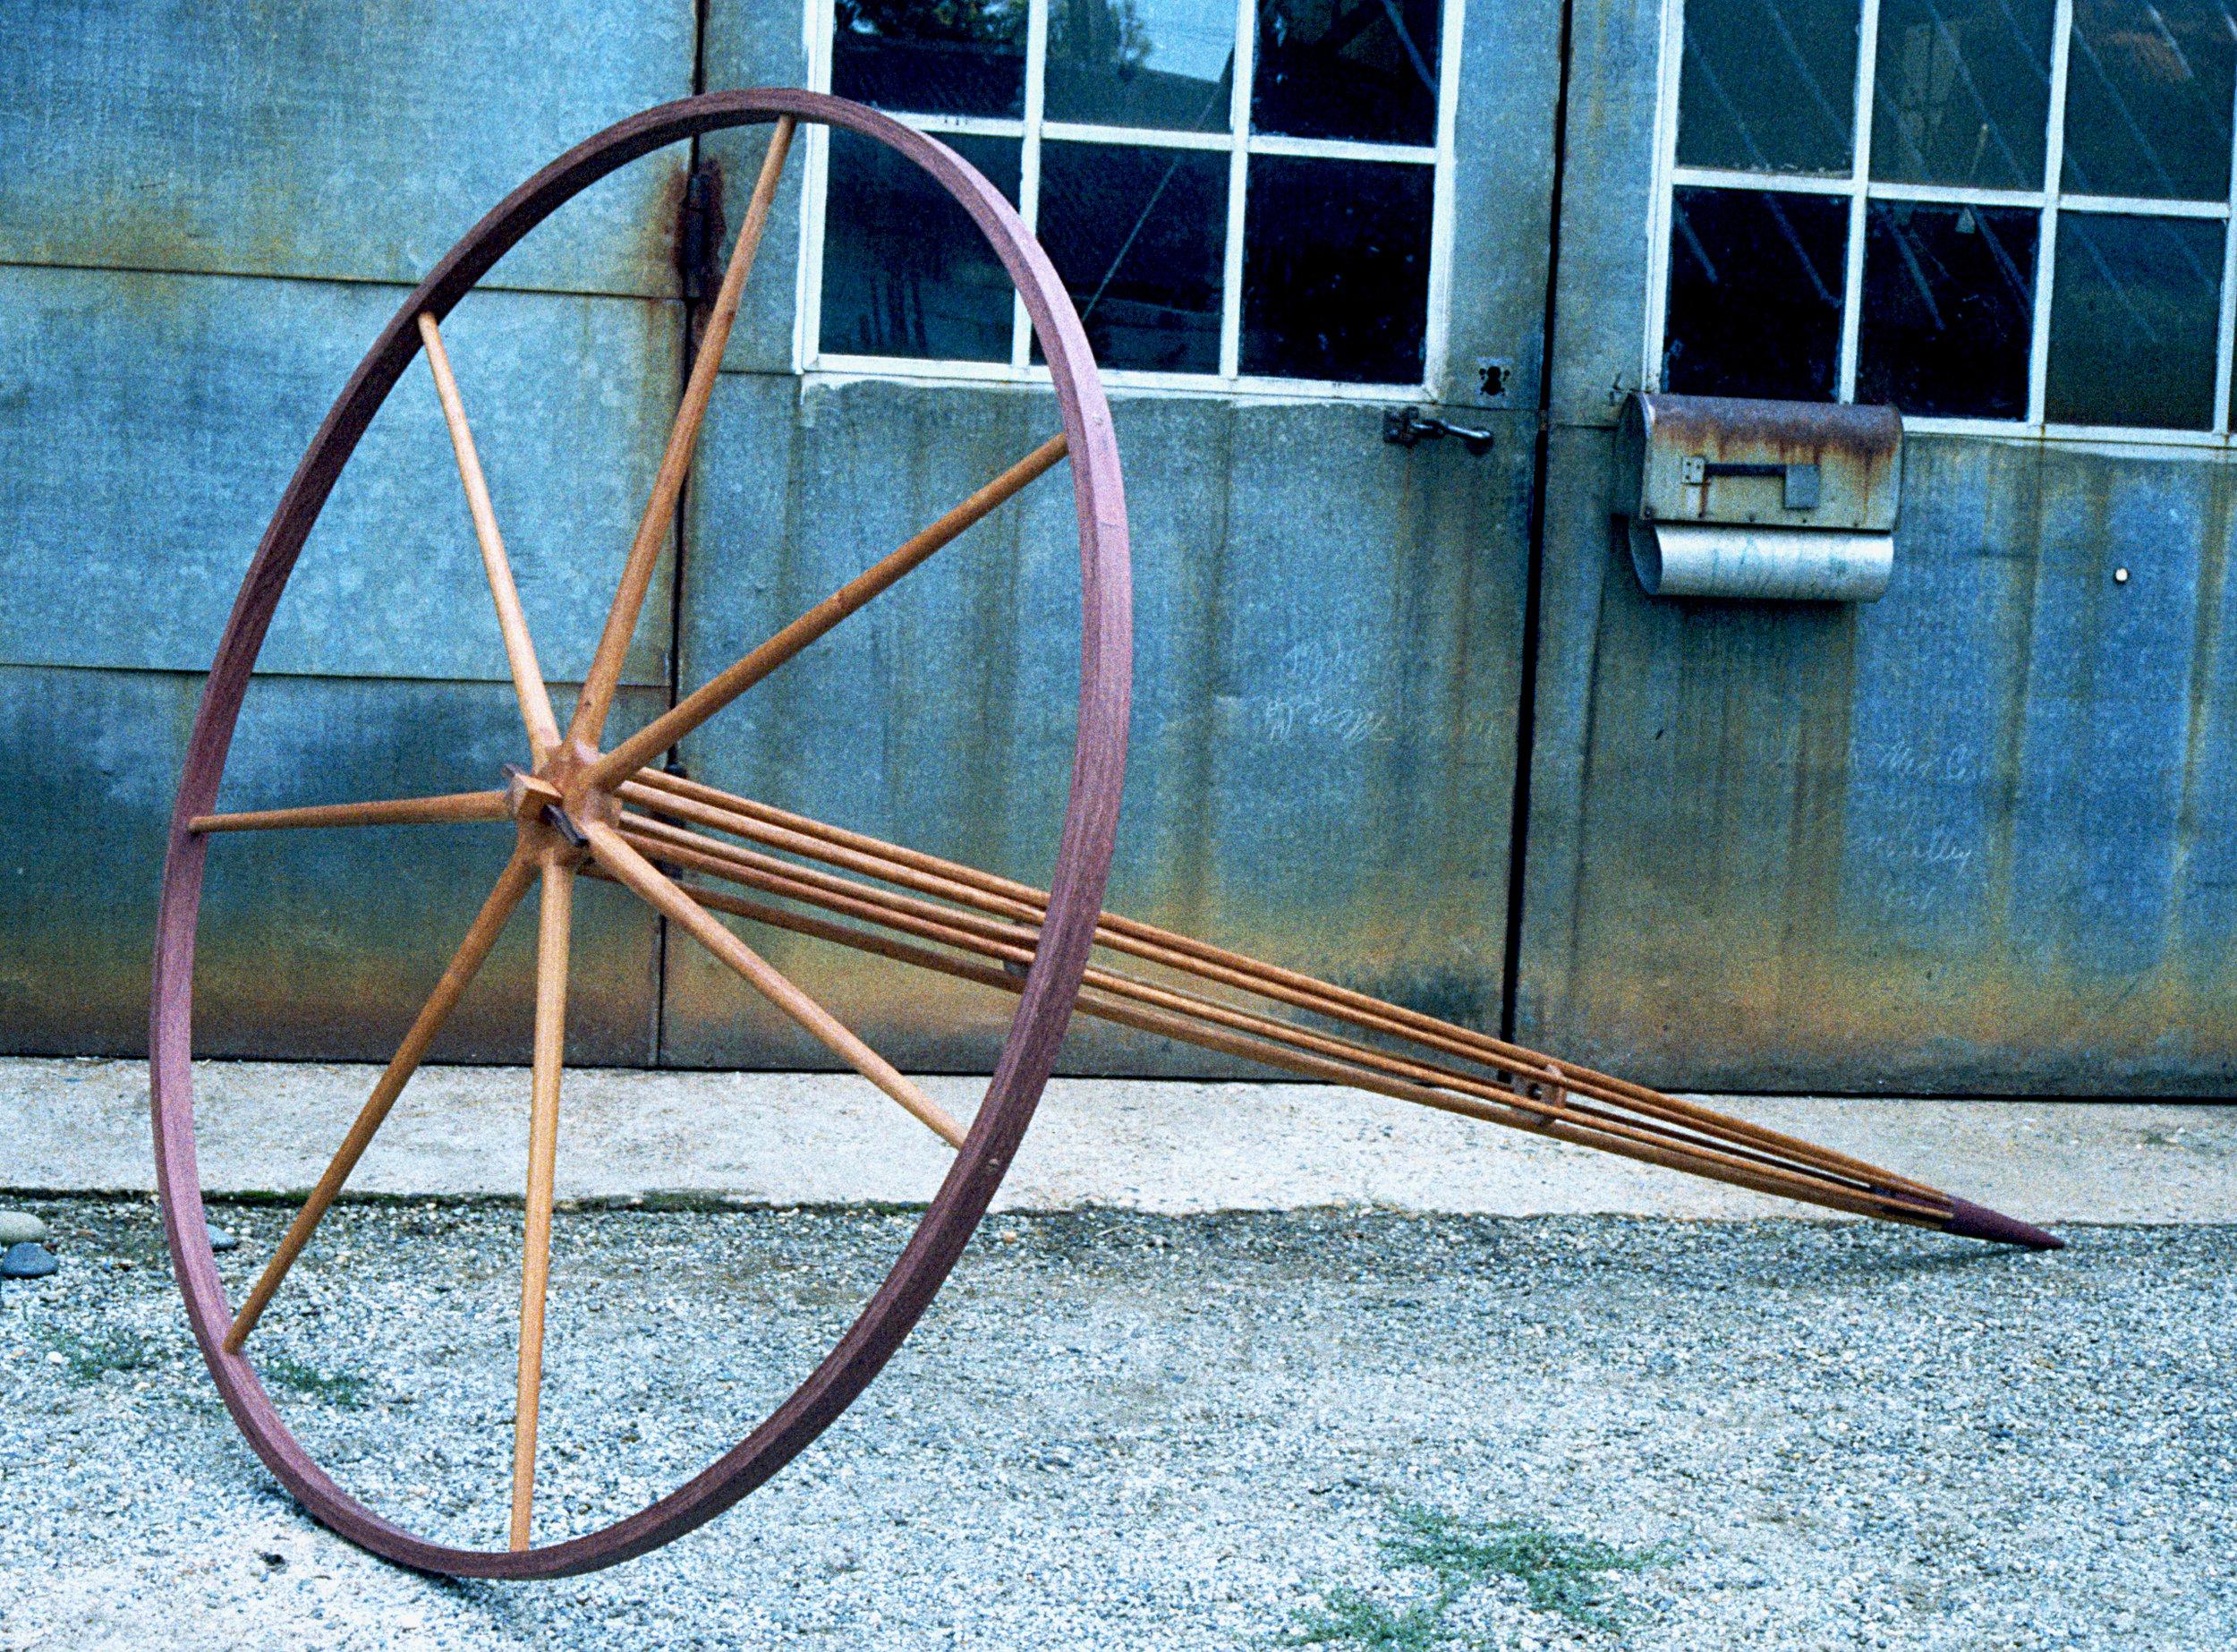 Small Wheel-a.jpg